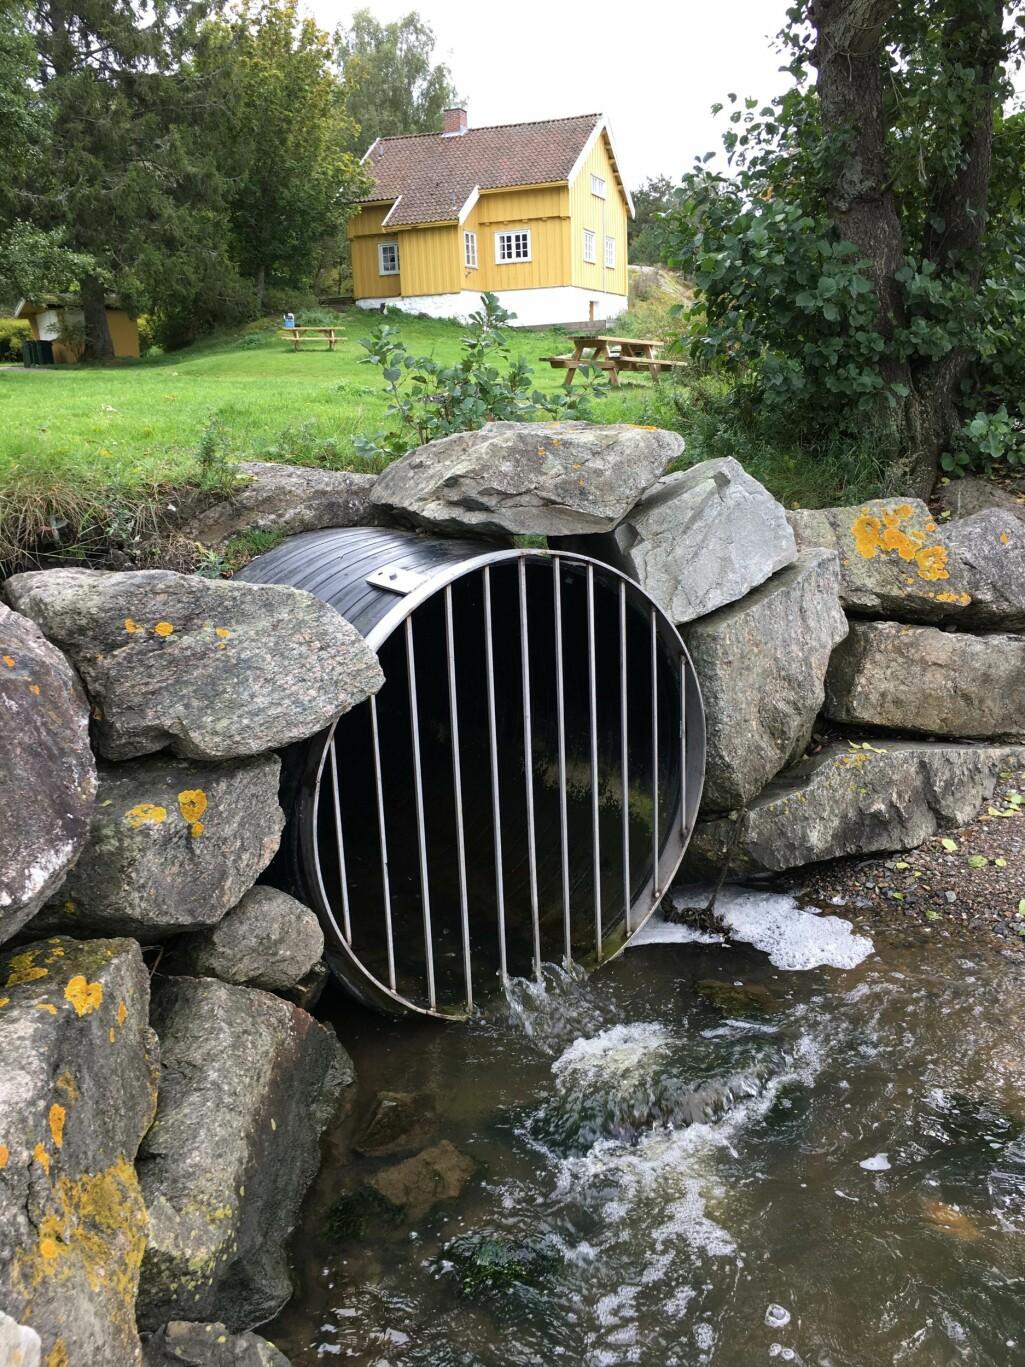 De store vannverkene har trygt drikkevann. Arve Heistad vil ha mer kunnskap med tanke på områder med små, private vannforsyningsløsninger og utslipp fra spredte avløpsanlegg.